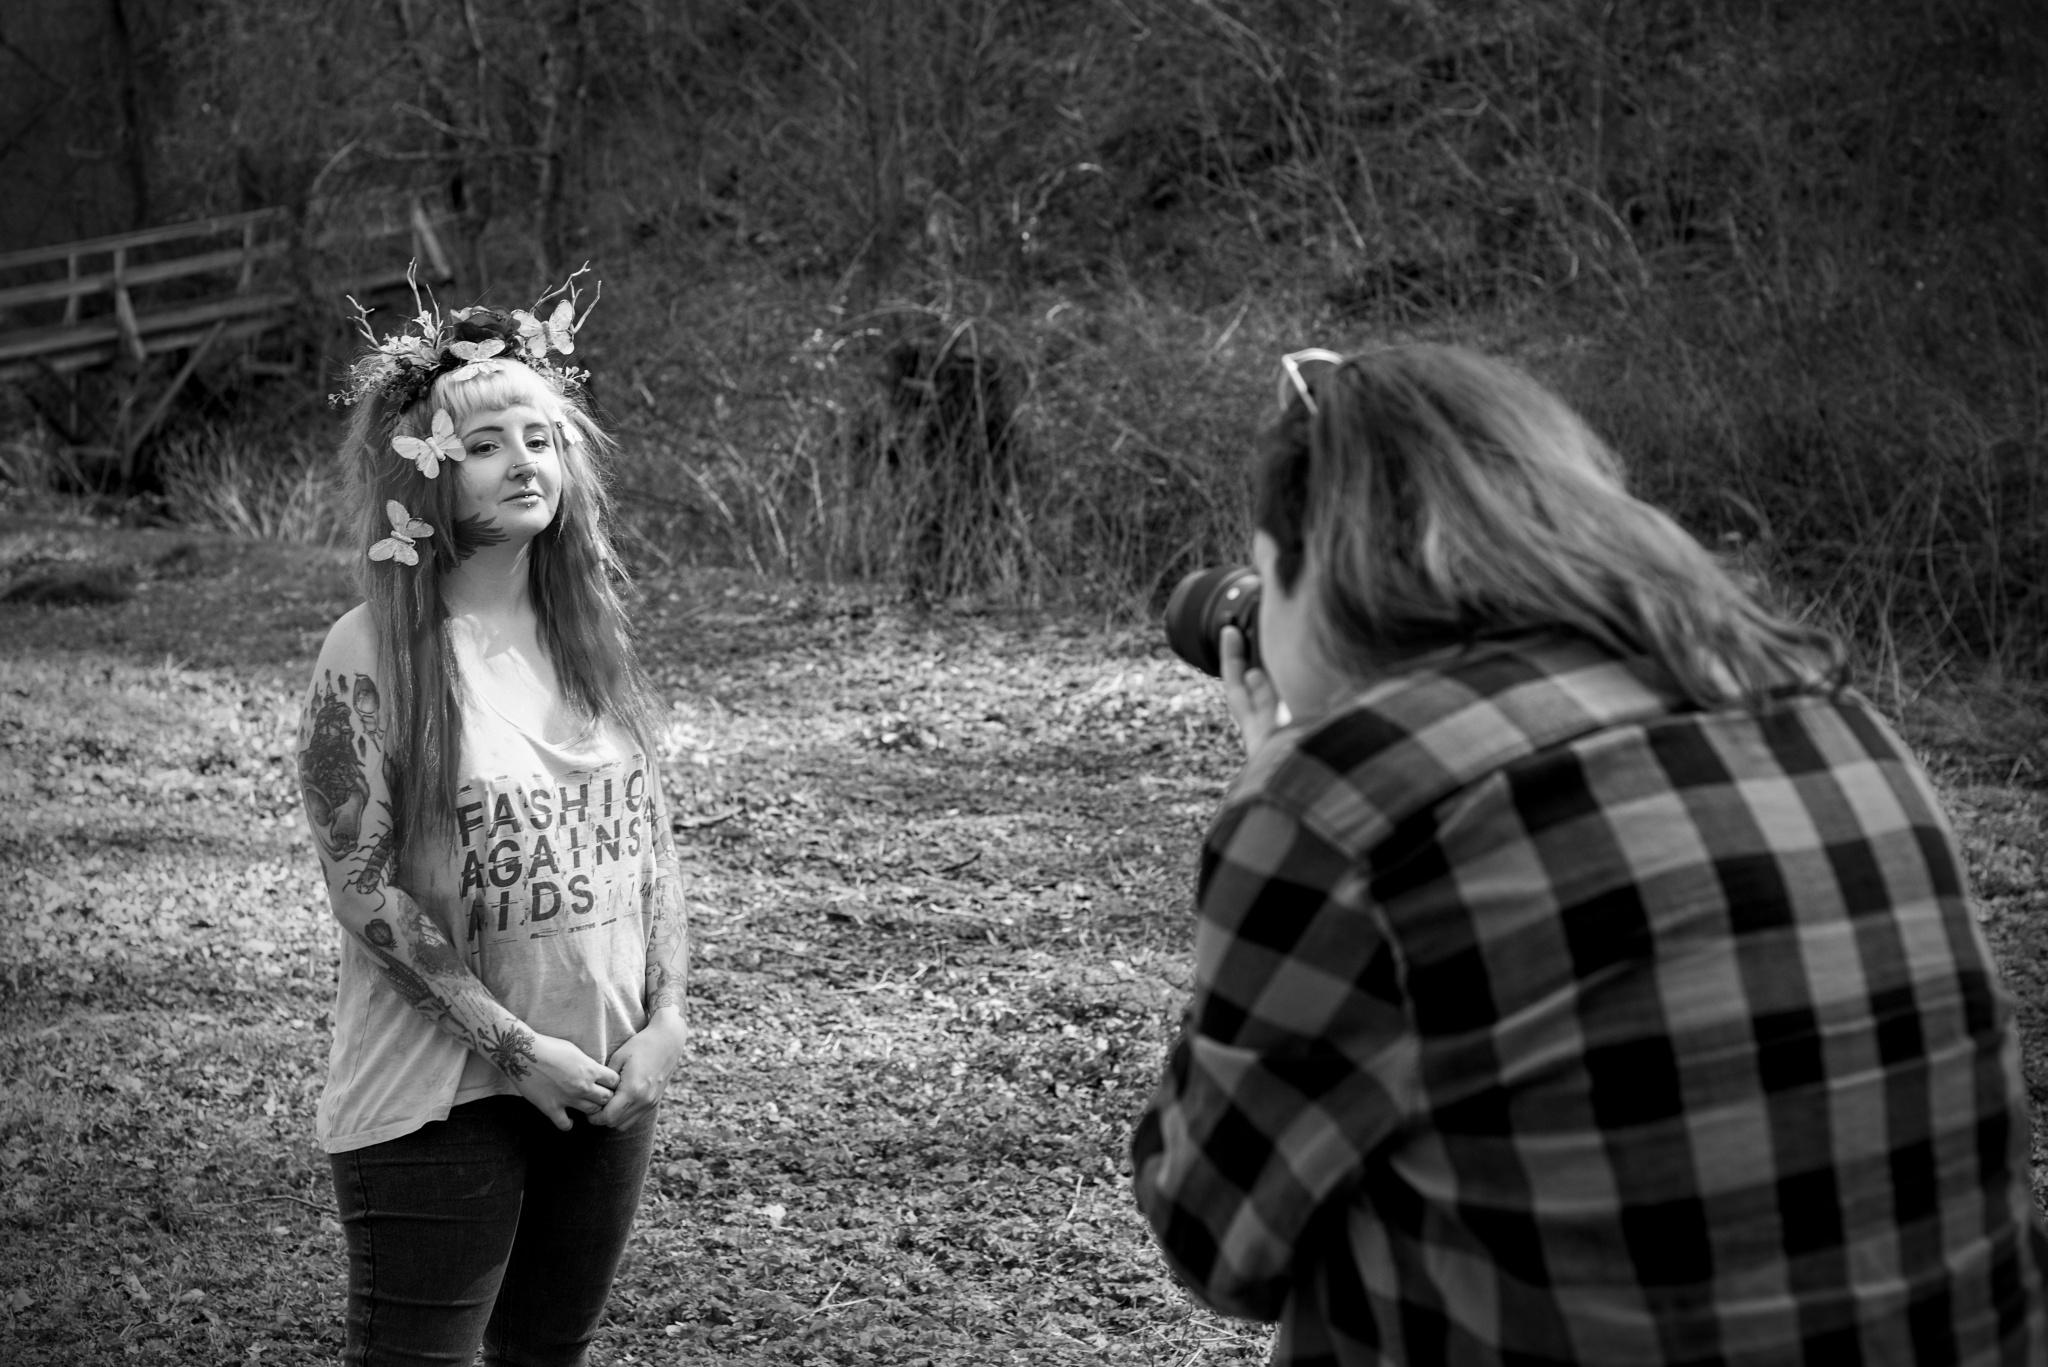 Die Zusammenarbeit zwischen Fotograf und Model: worauf muss man achten, damit alles funktioniert?